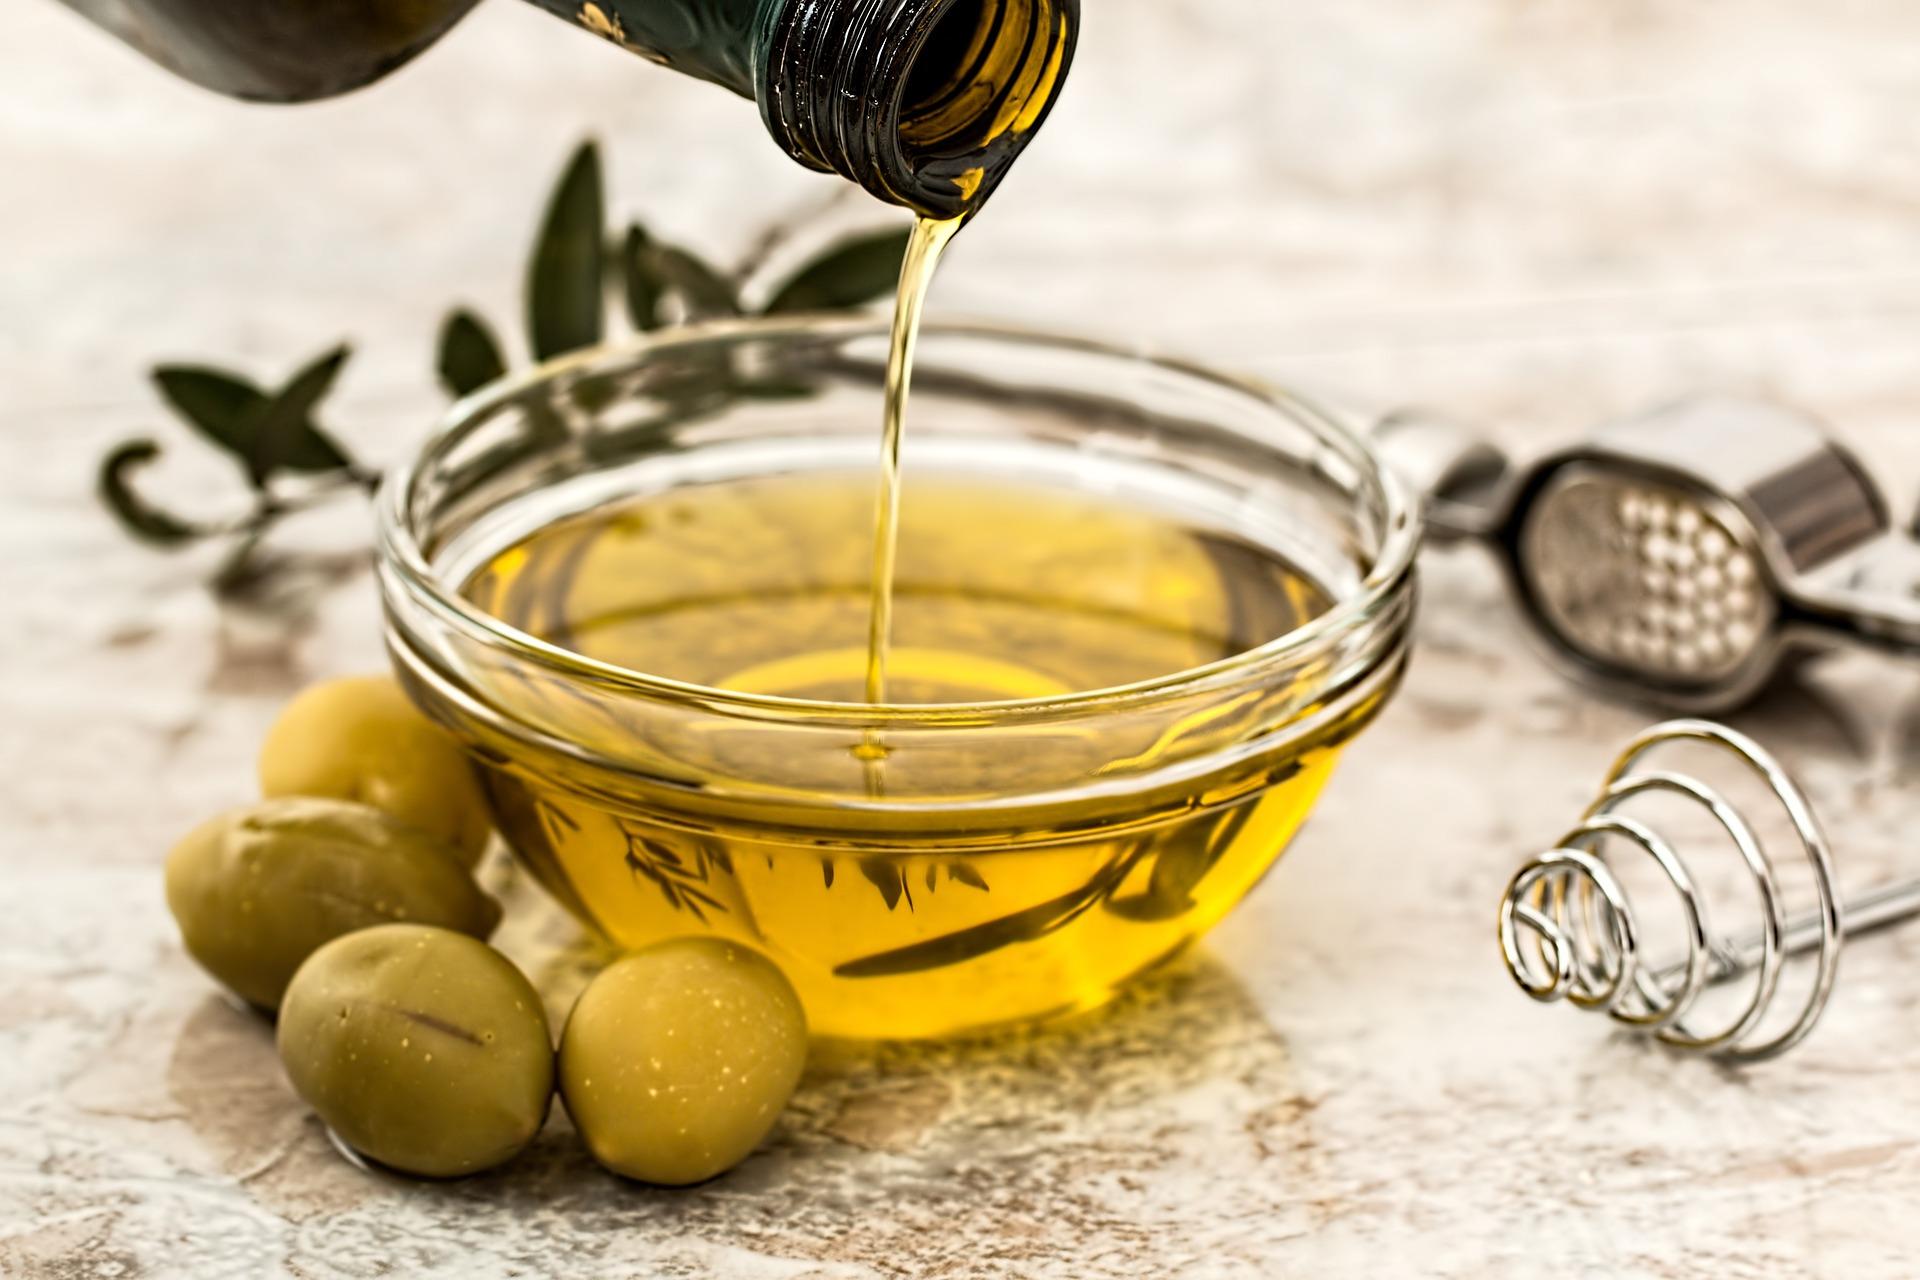 Olivenöl - Vortrag und Verkostung